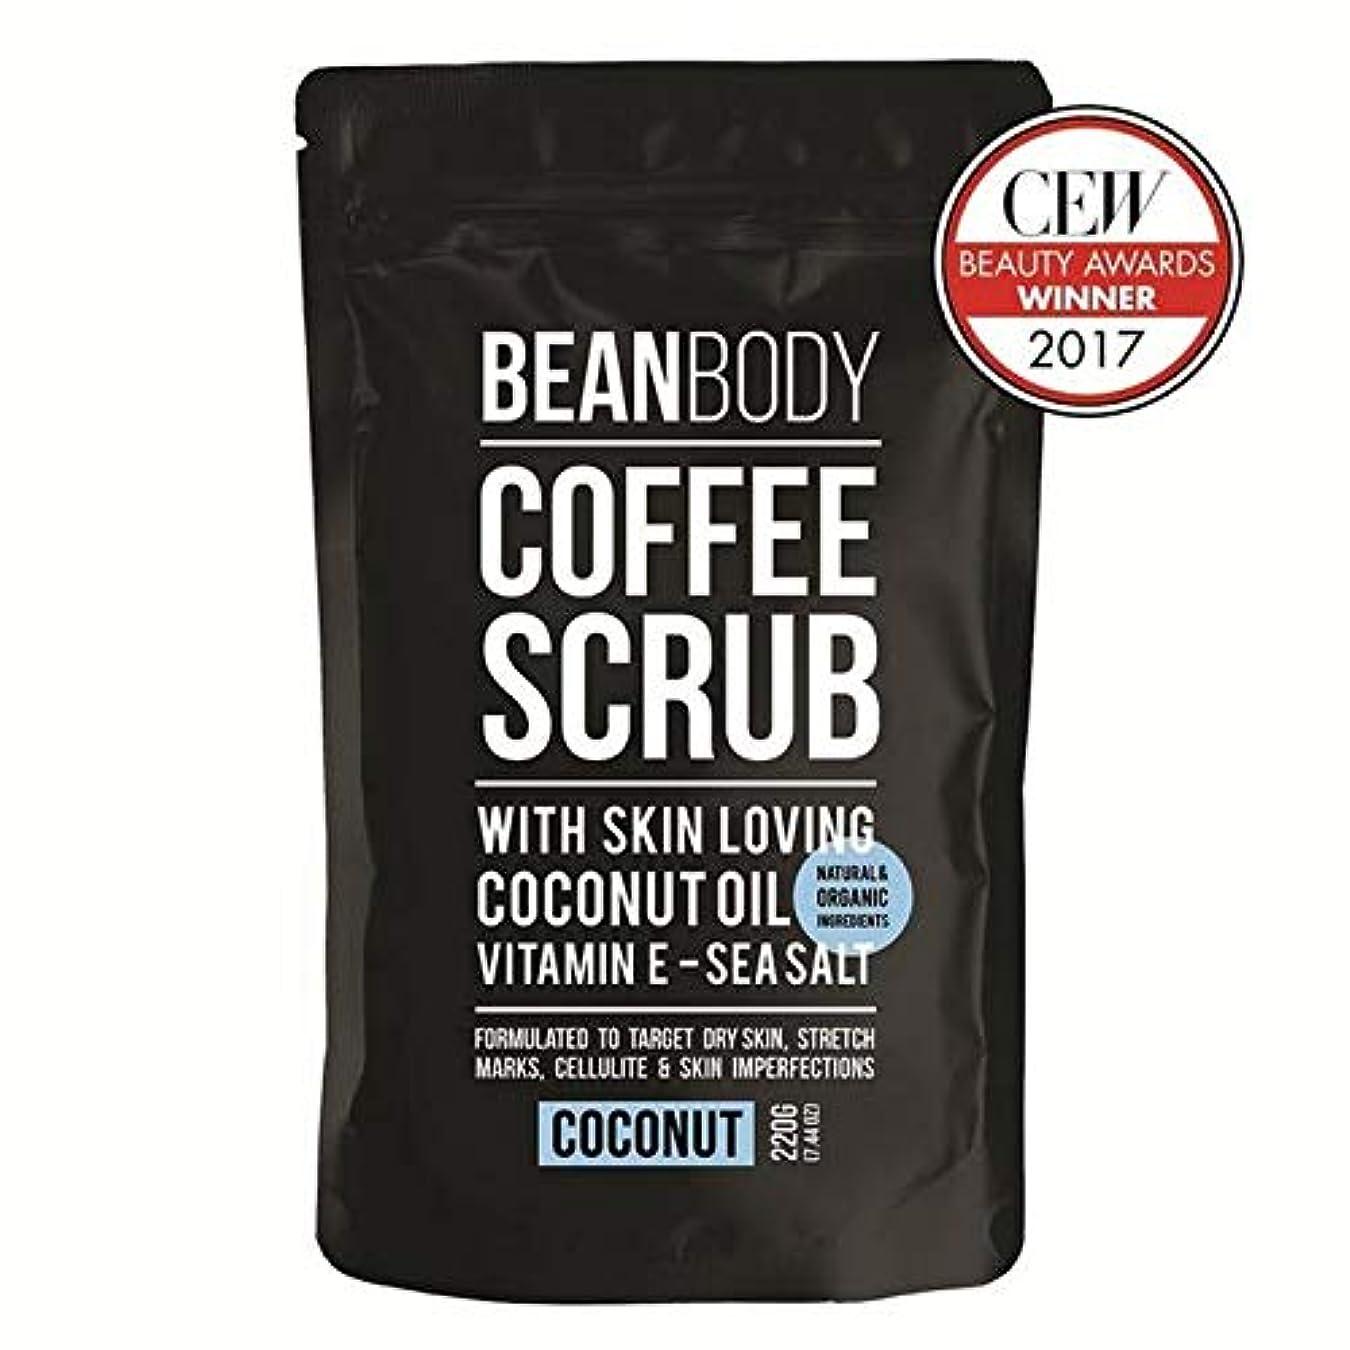 開発する平方征服する[Bean Body ] 豆のボディコーヒースクラブ、ココナッツ220グラム - Bean Body Coffee Scrub, Coconut 220g [並行輸入品]